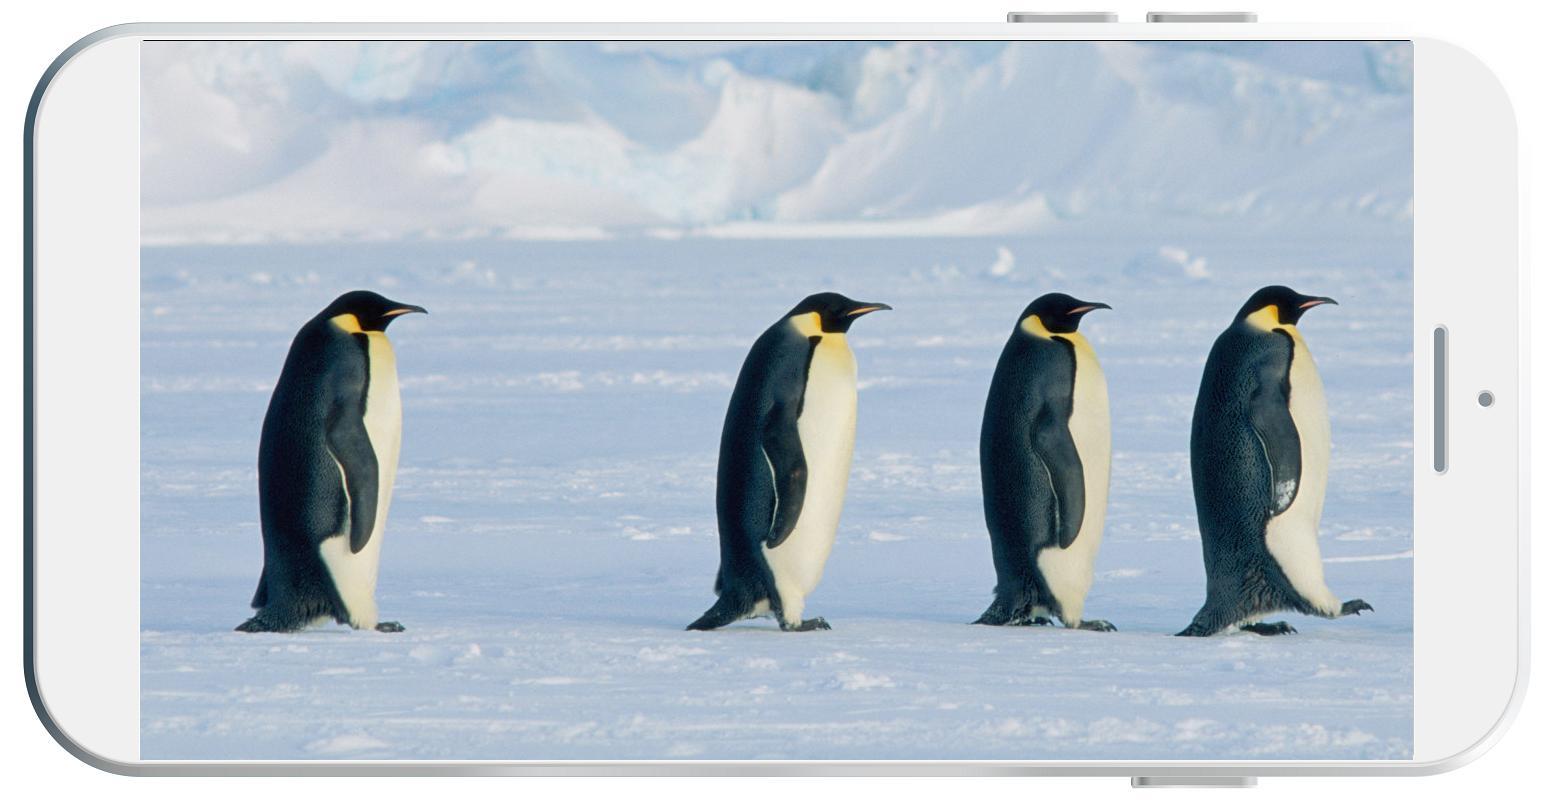 Android 用の ペンギンの壁紙 Apk をダウンロード